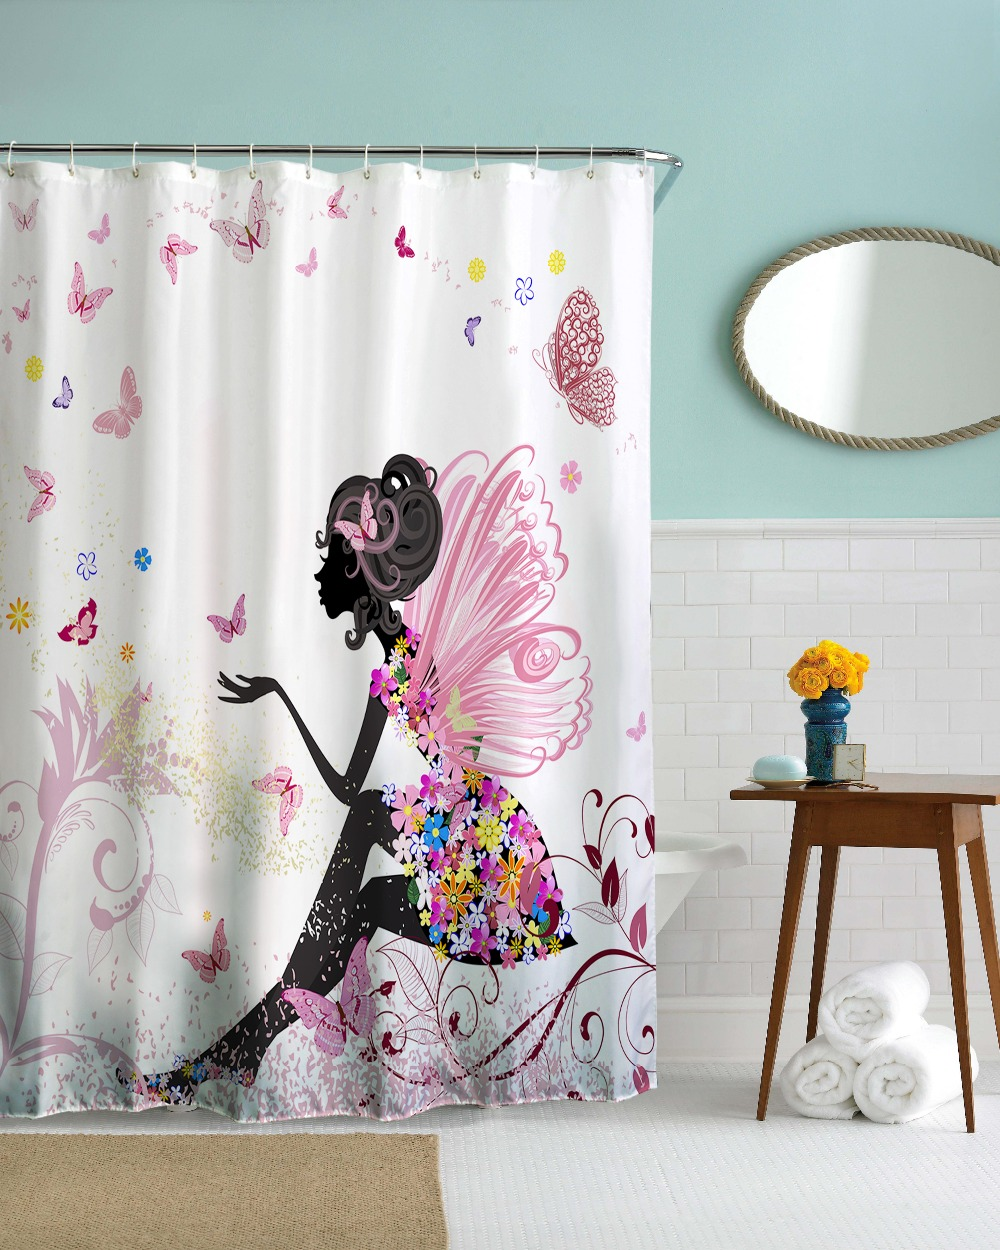 F e rideau de douche achetez des lots petit prix f e rideau de douche en provenance de - Rideau de douche 180x180 ...